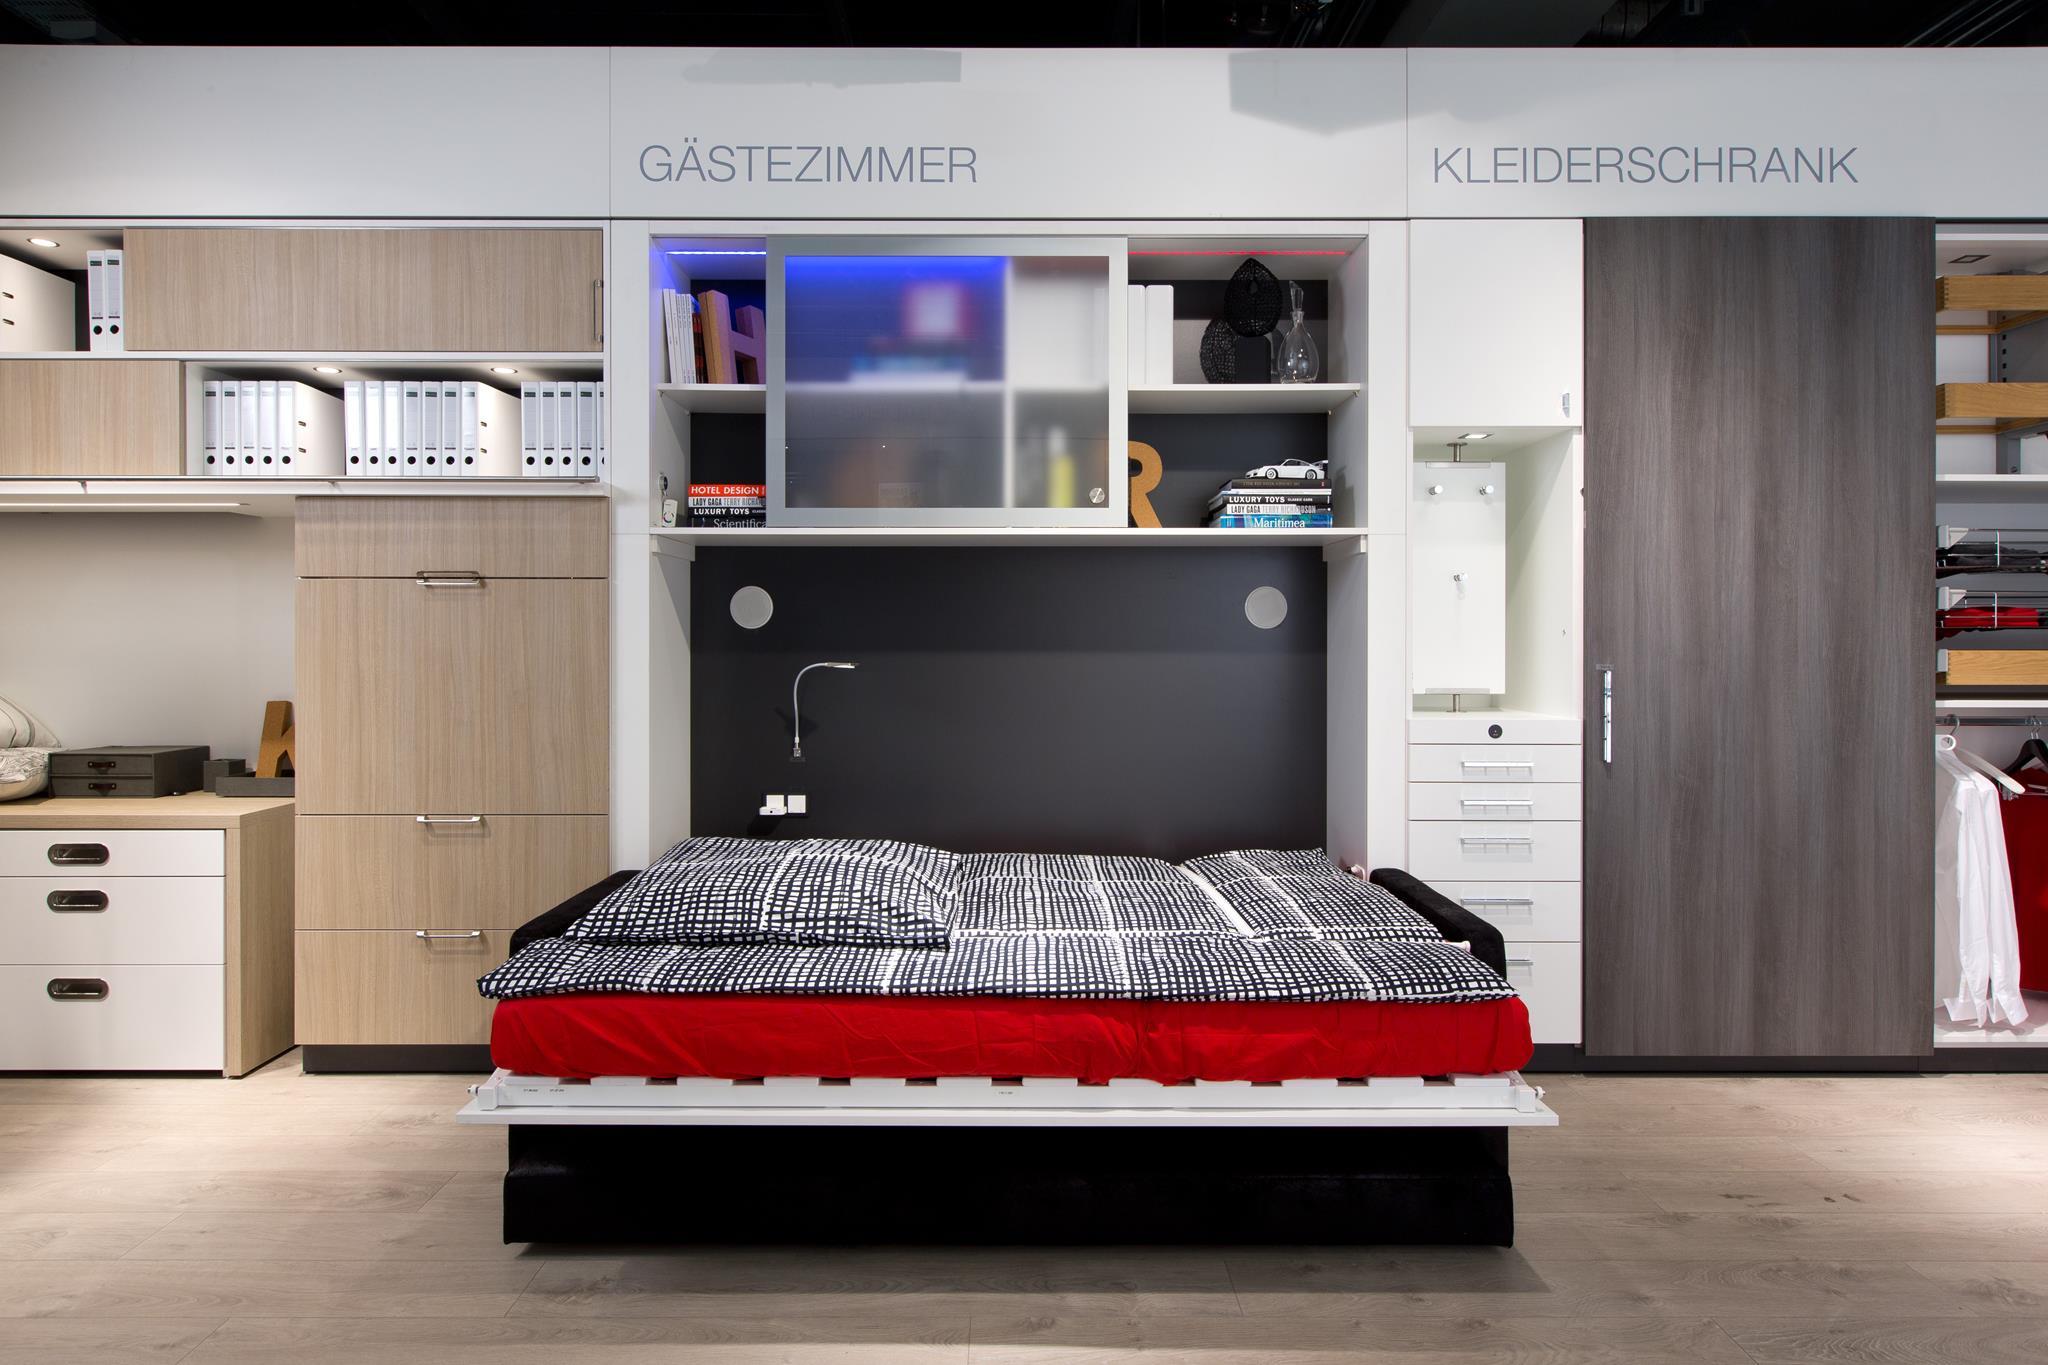 Full Size of Systemmbel Vom Schreiner Zb Einbauschrank Betten überlänge Bett 190x90 Günstige 180x200 Mit Bettkasten 160x200 Zum Ausziehen 200x200 Weiß 220 X 200 Schrank Bett Ausklappbares Bett